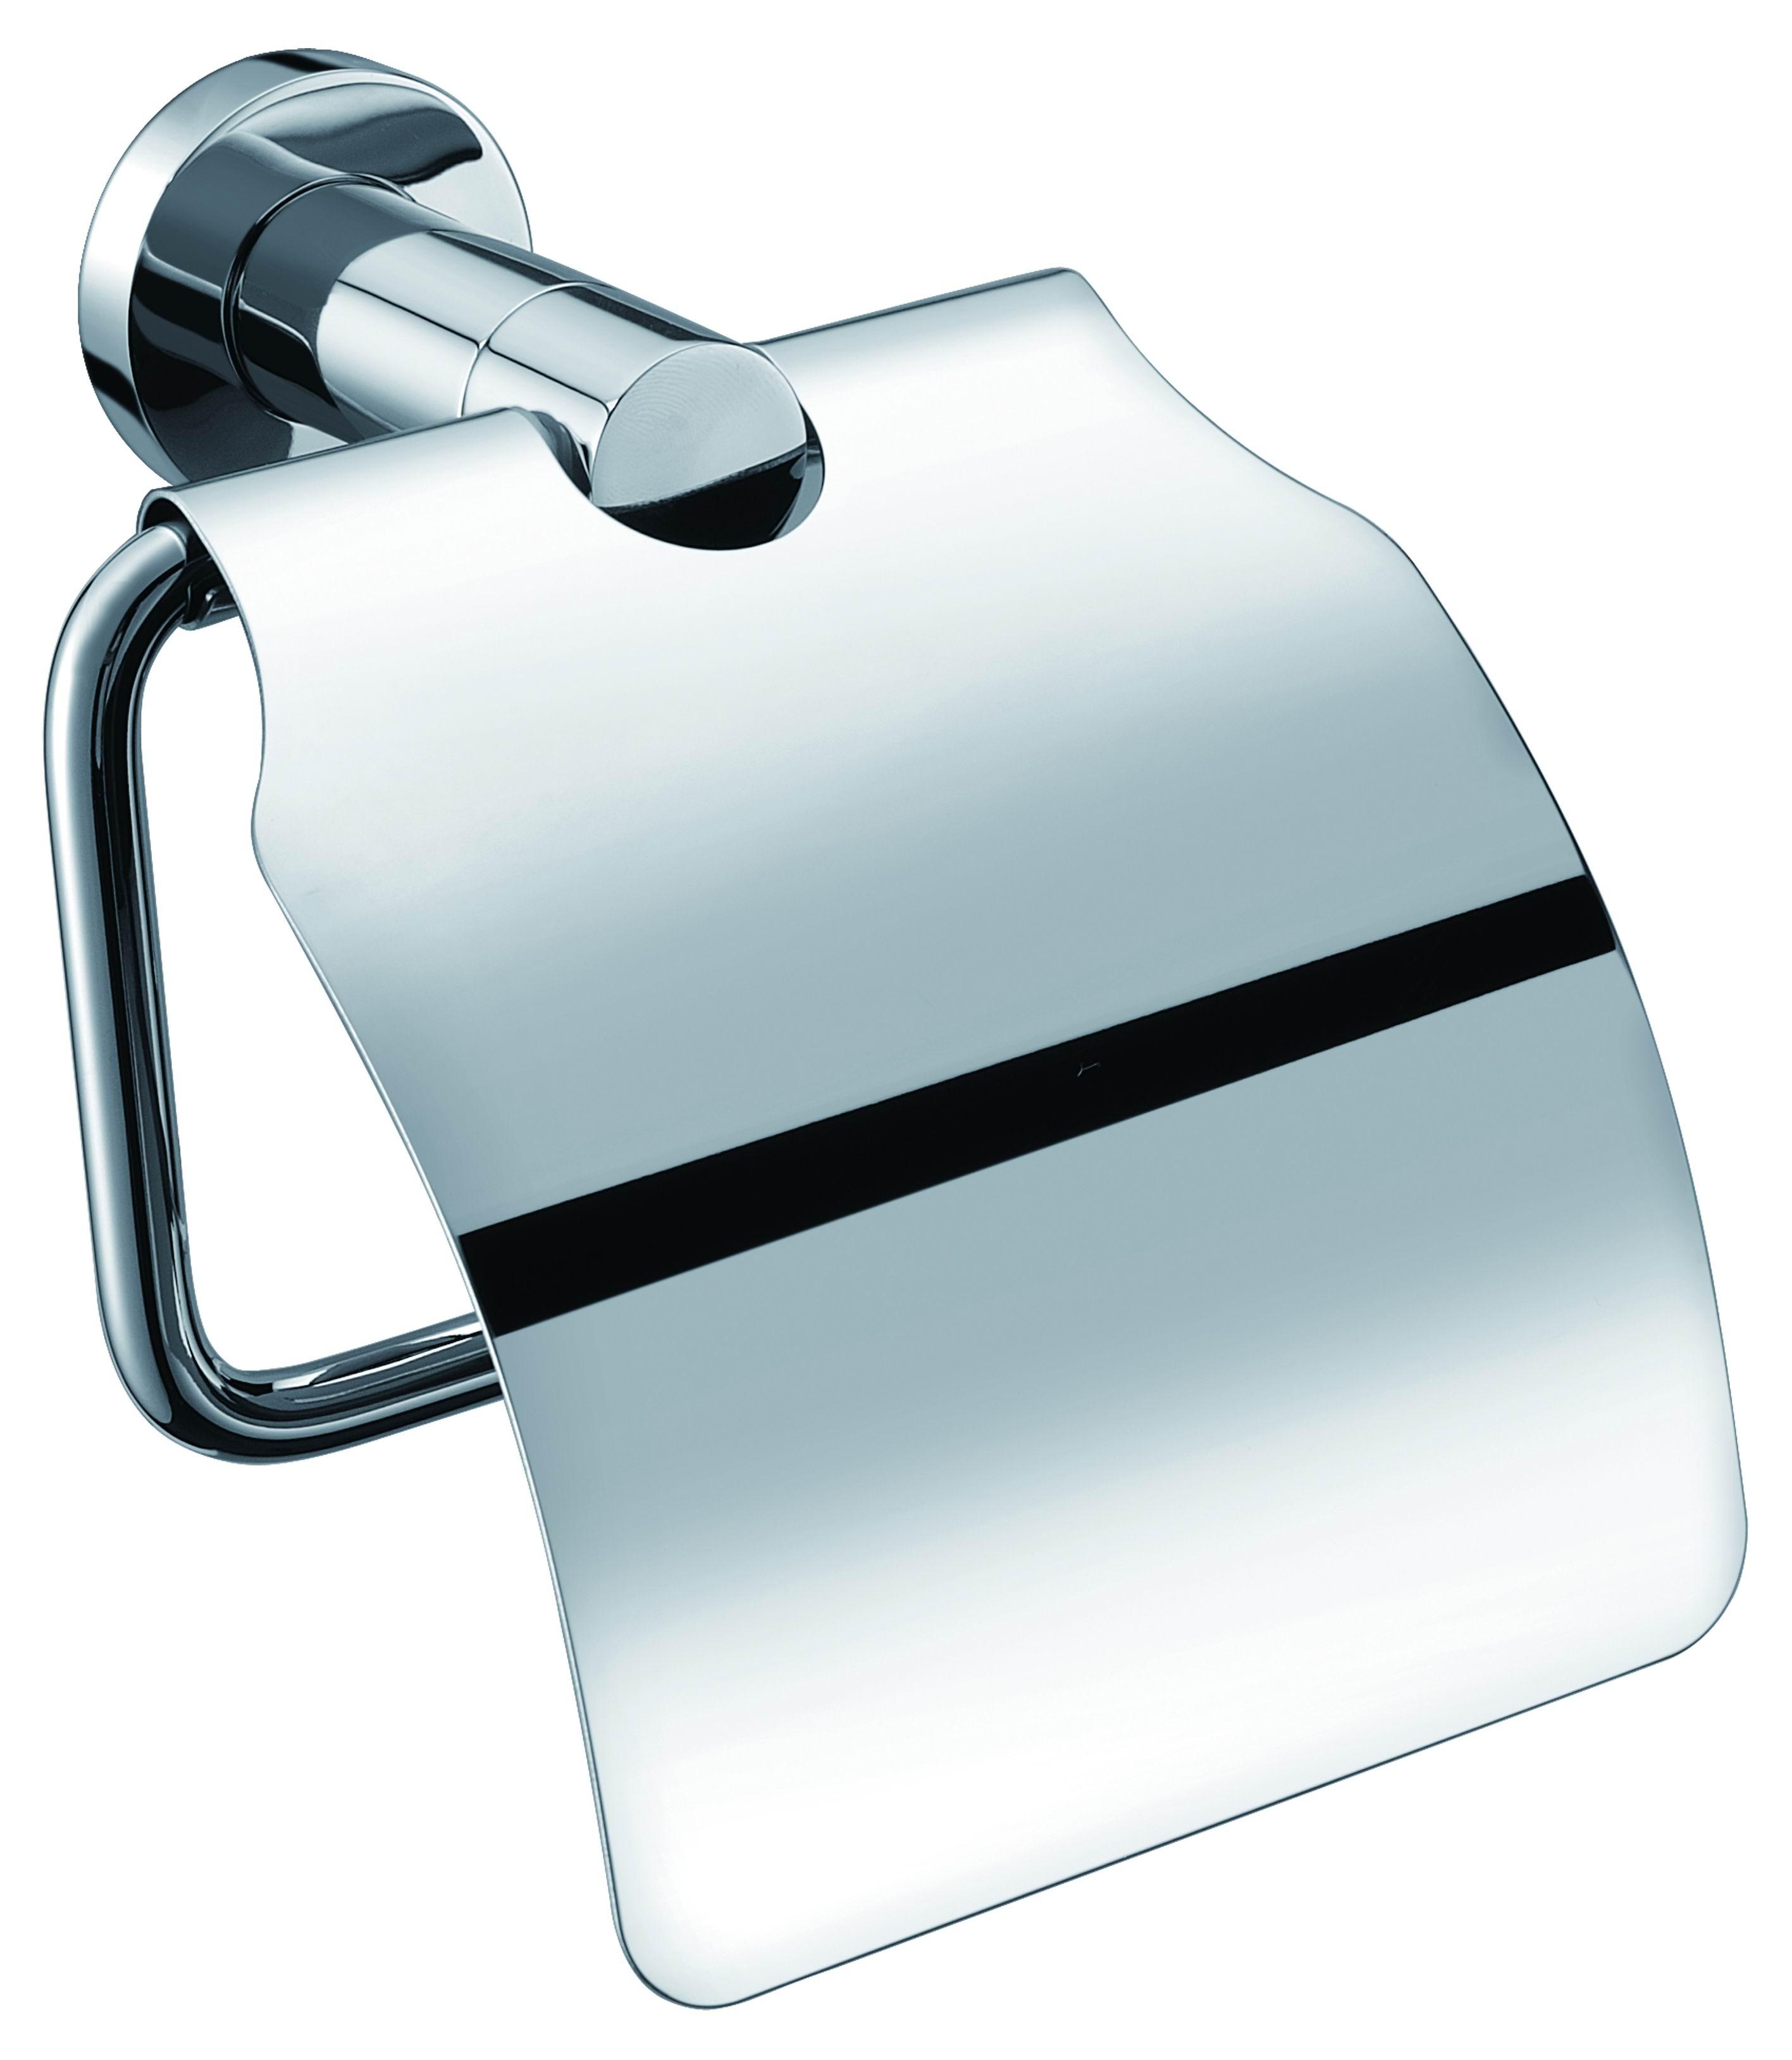 Brass Bathroom Accessories Roll Holder,Paper Holder